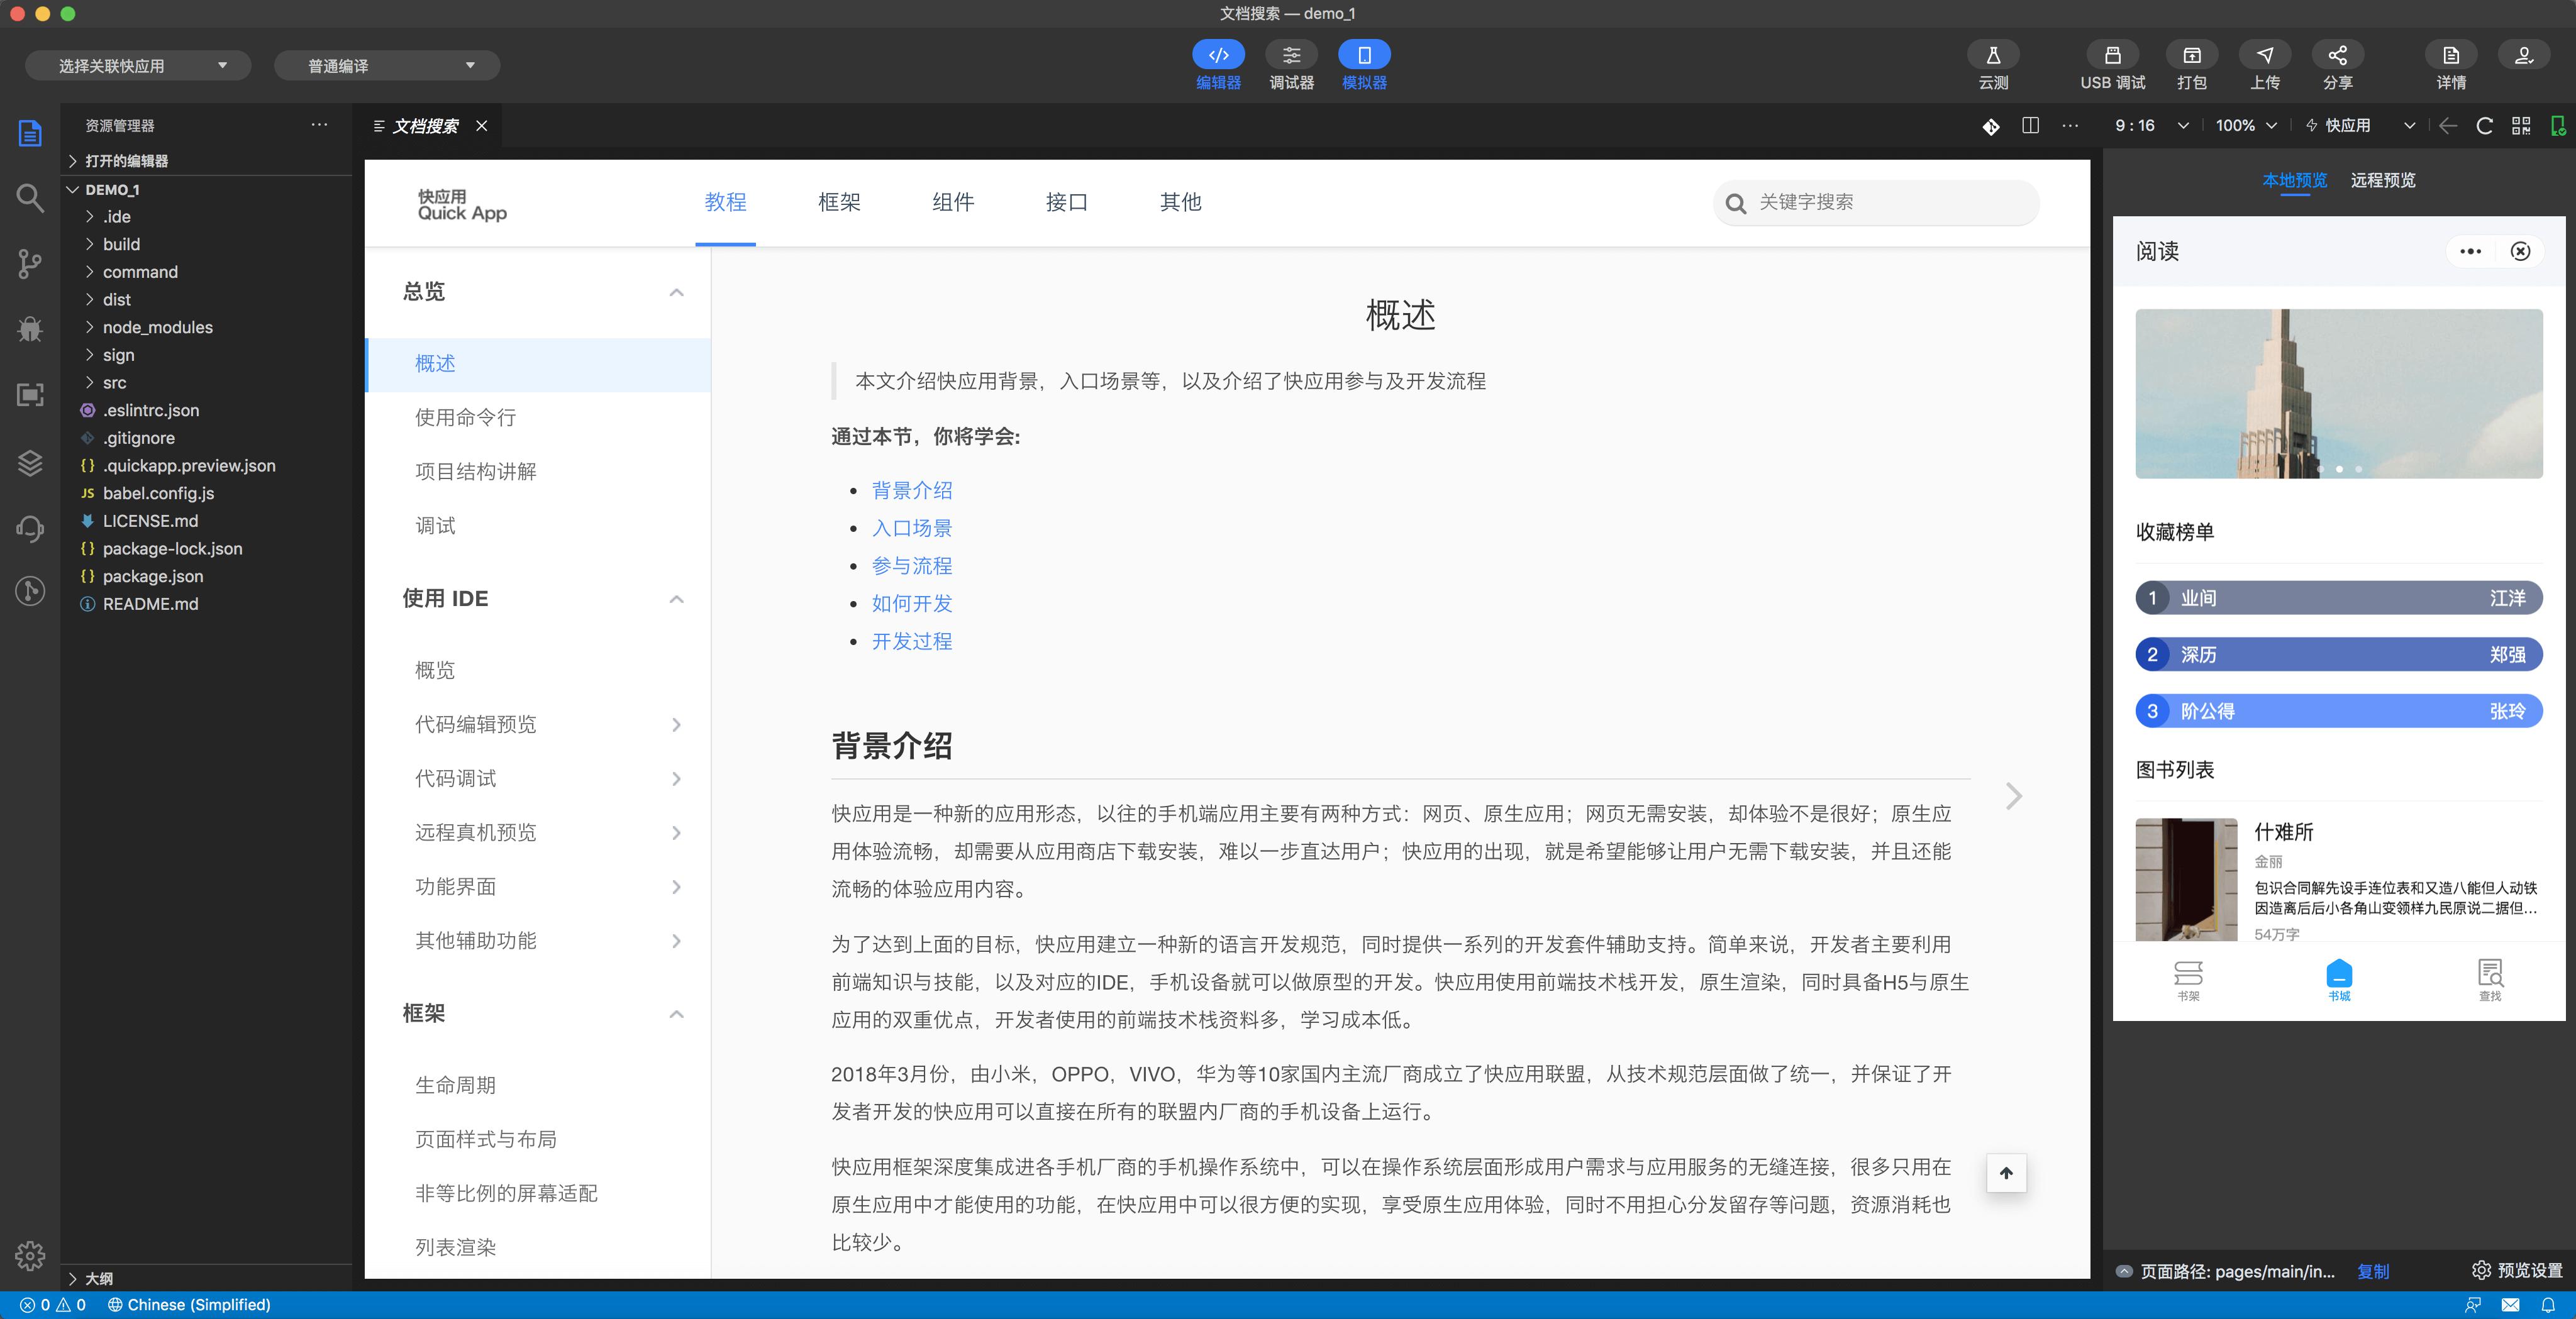 IDE 内置文档搜索功能